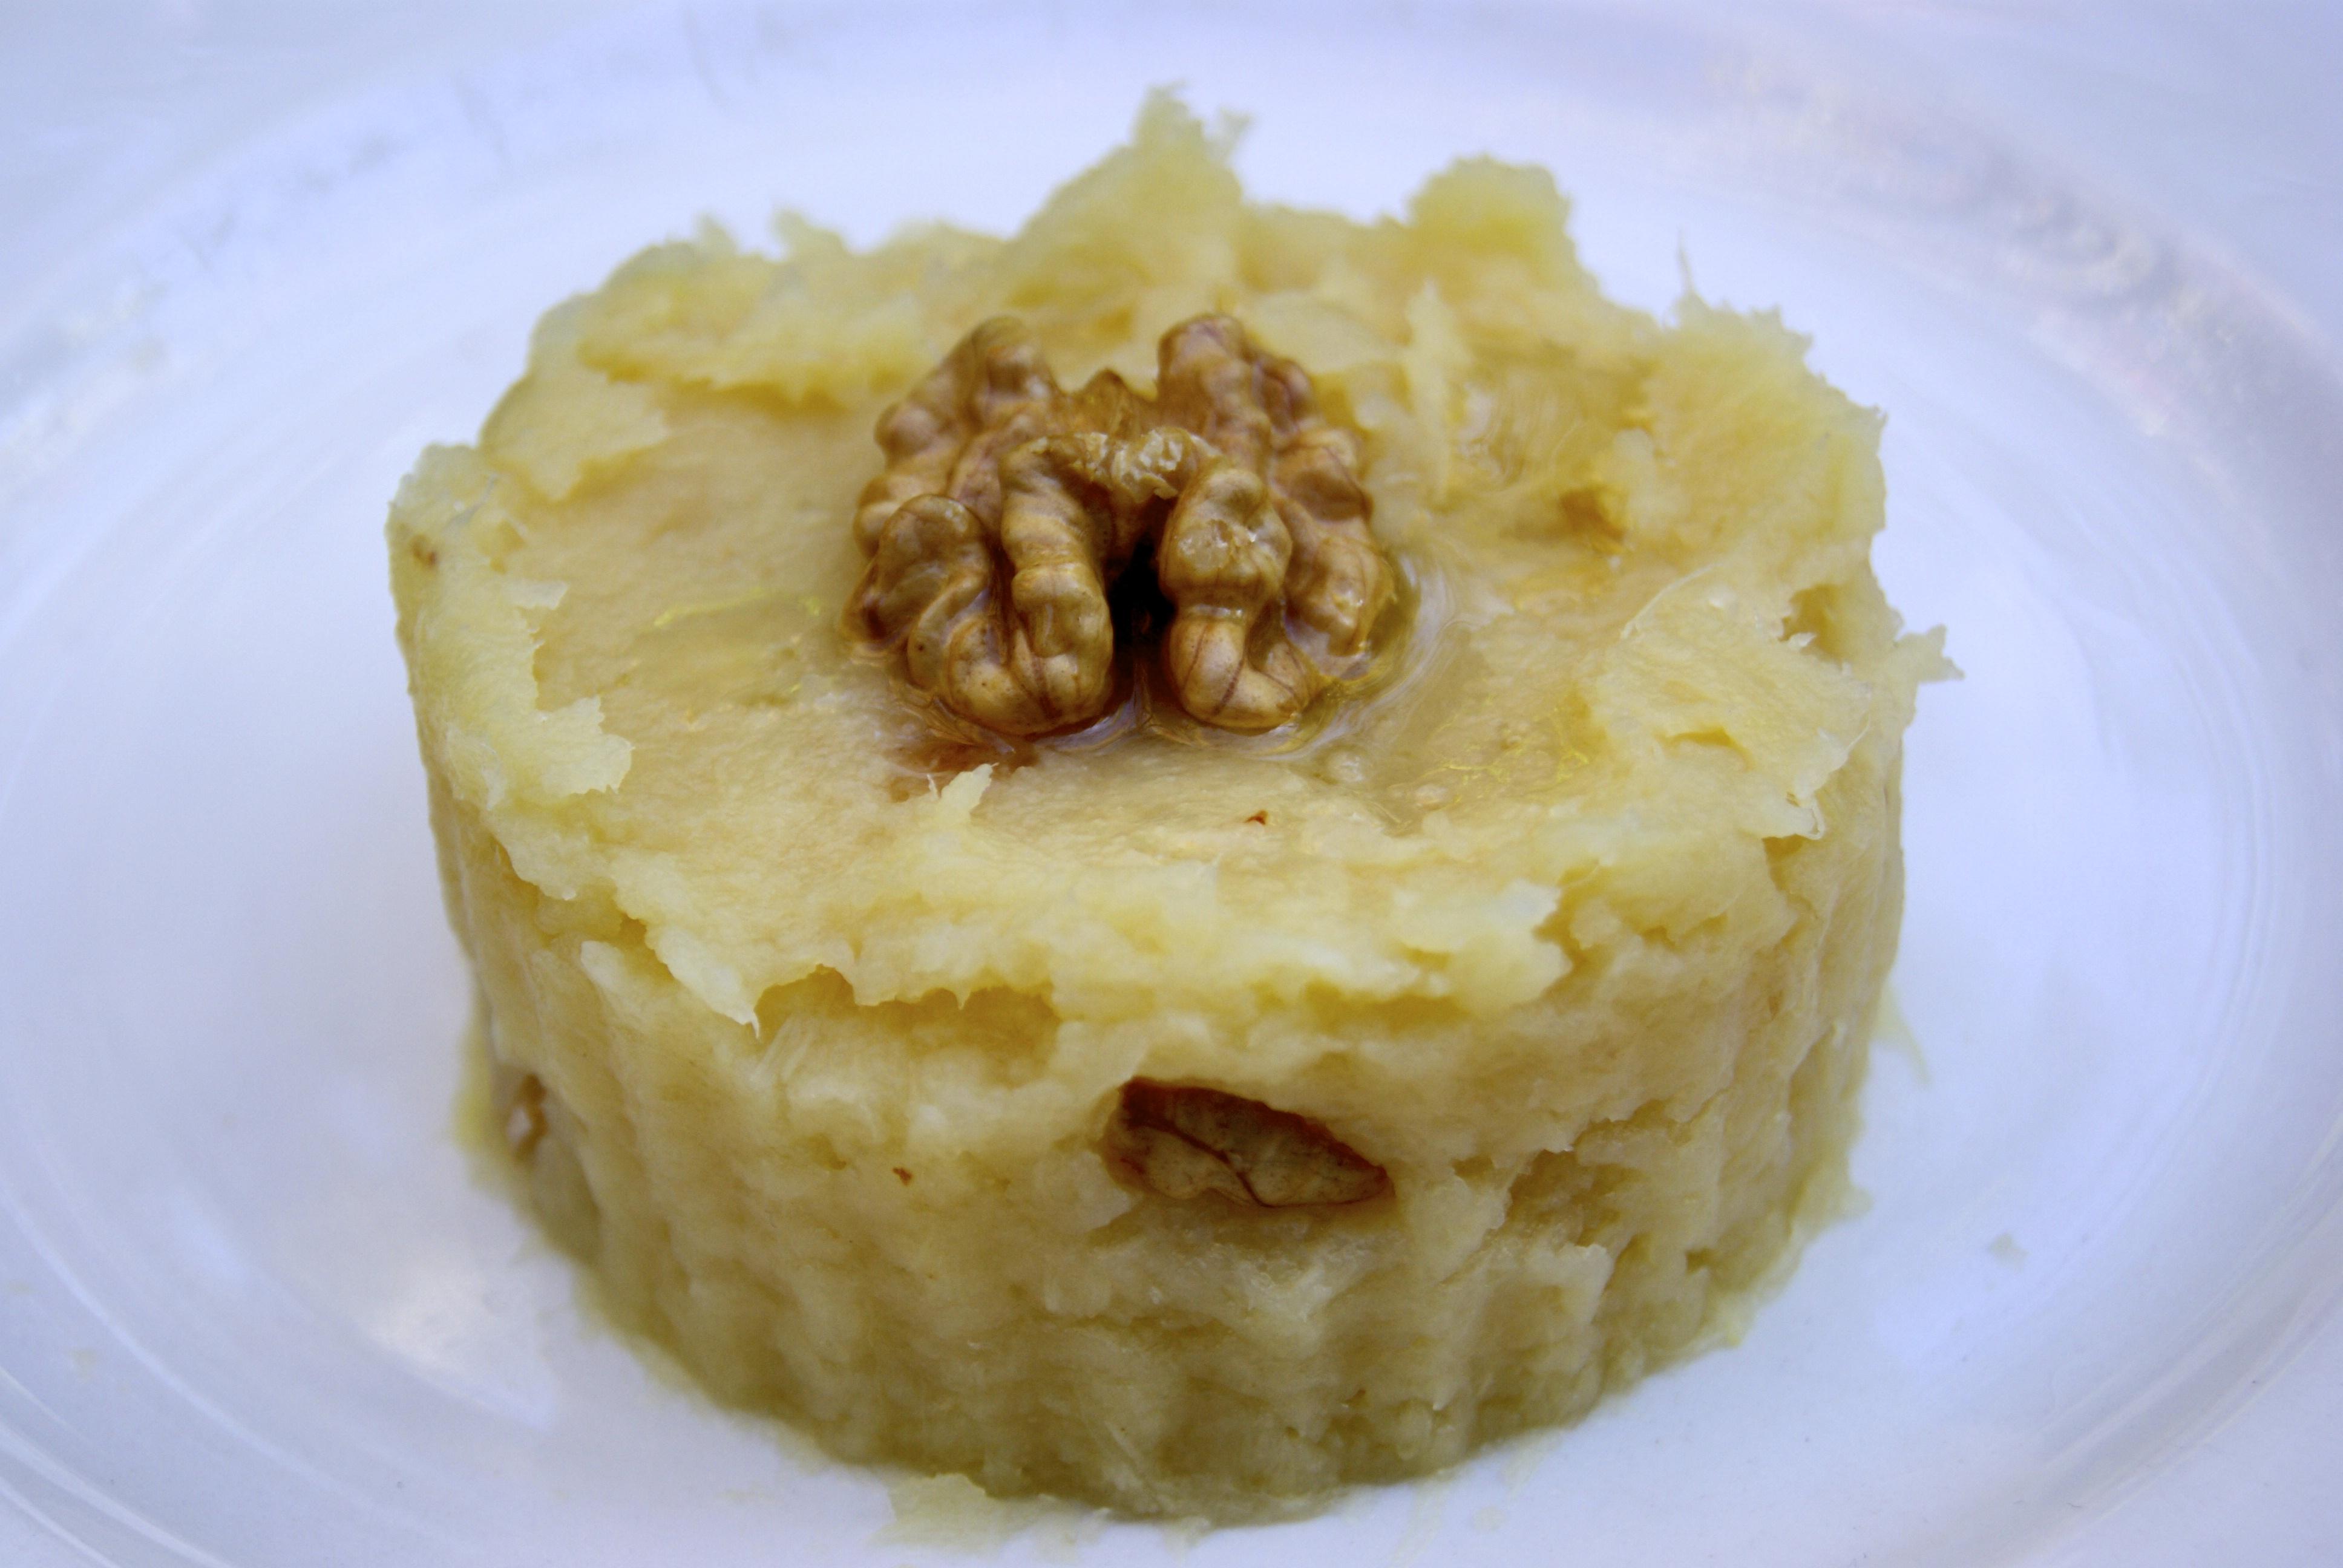 recettes de pur 233 e maison par la p tite cuisine de pauline ecras 233 de pommes de terre aux noix